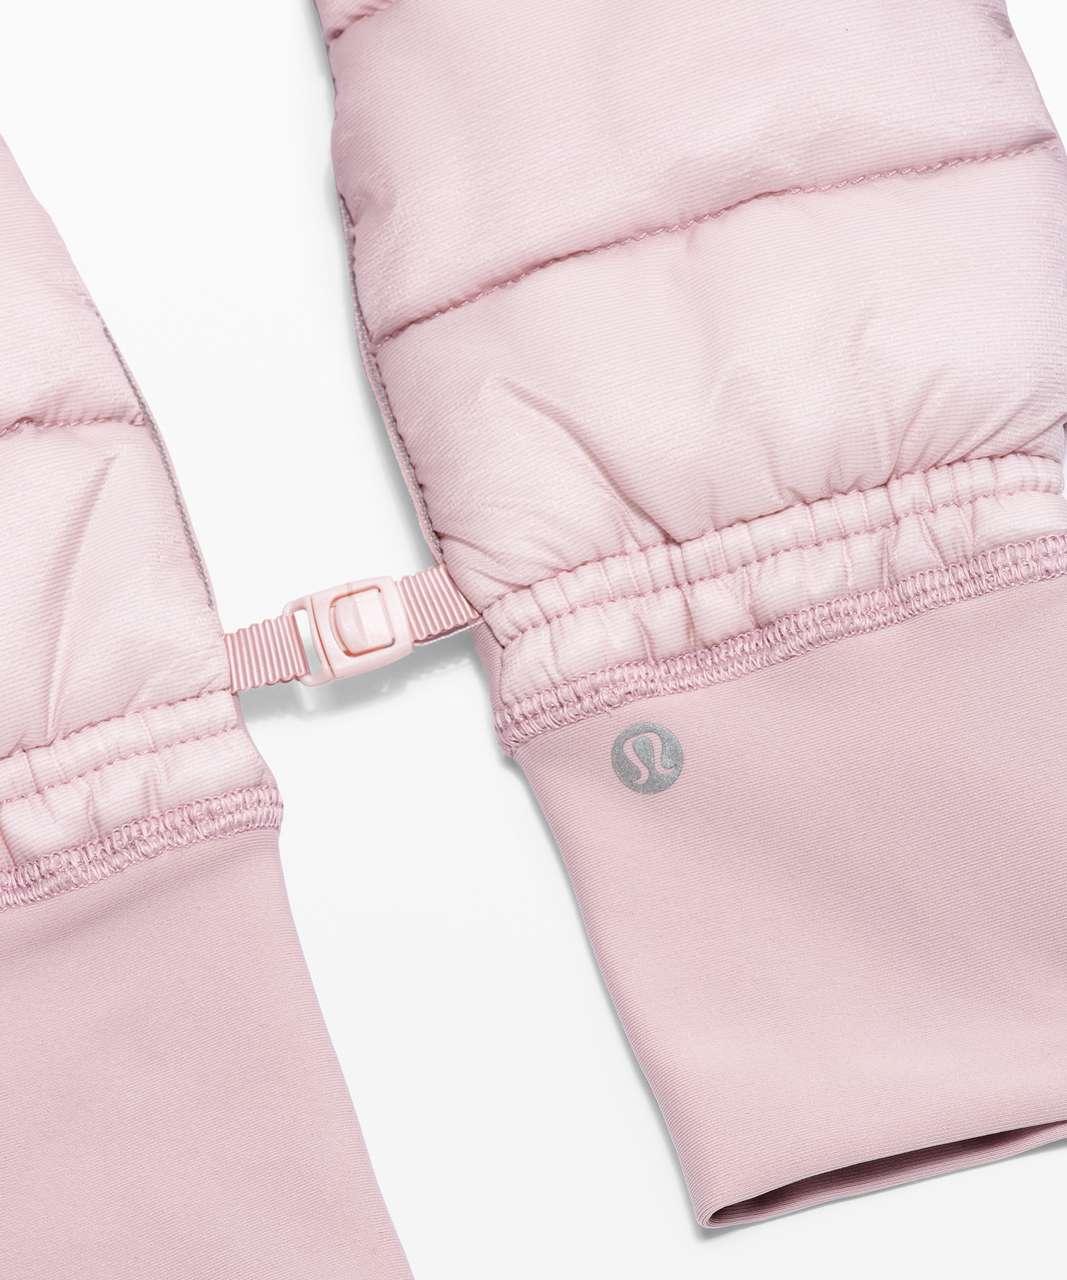 Lululemon Pinnacle Warmth Mittens - Porcelain Pink